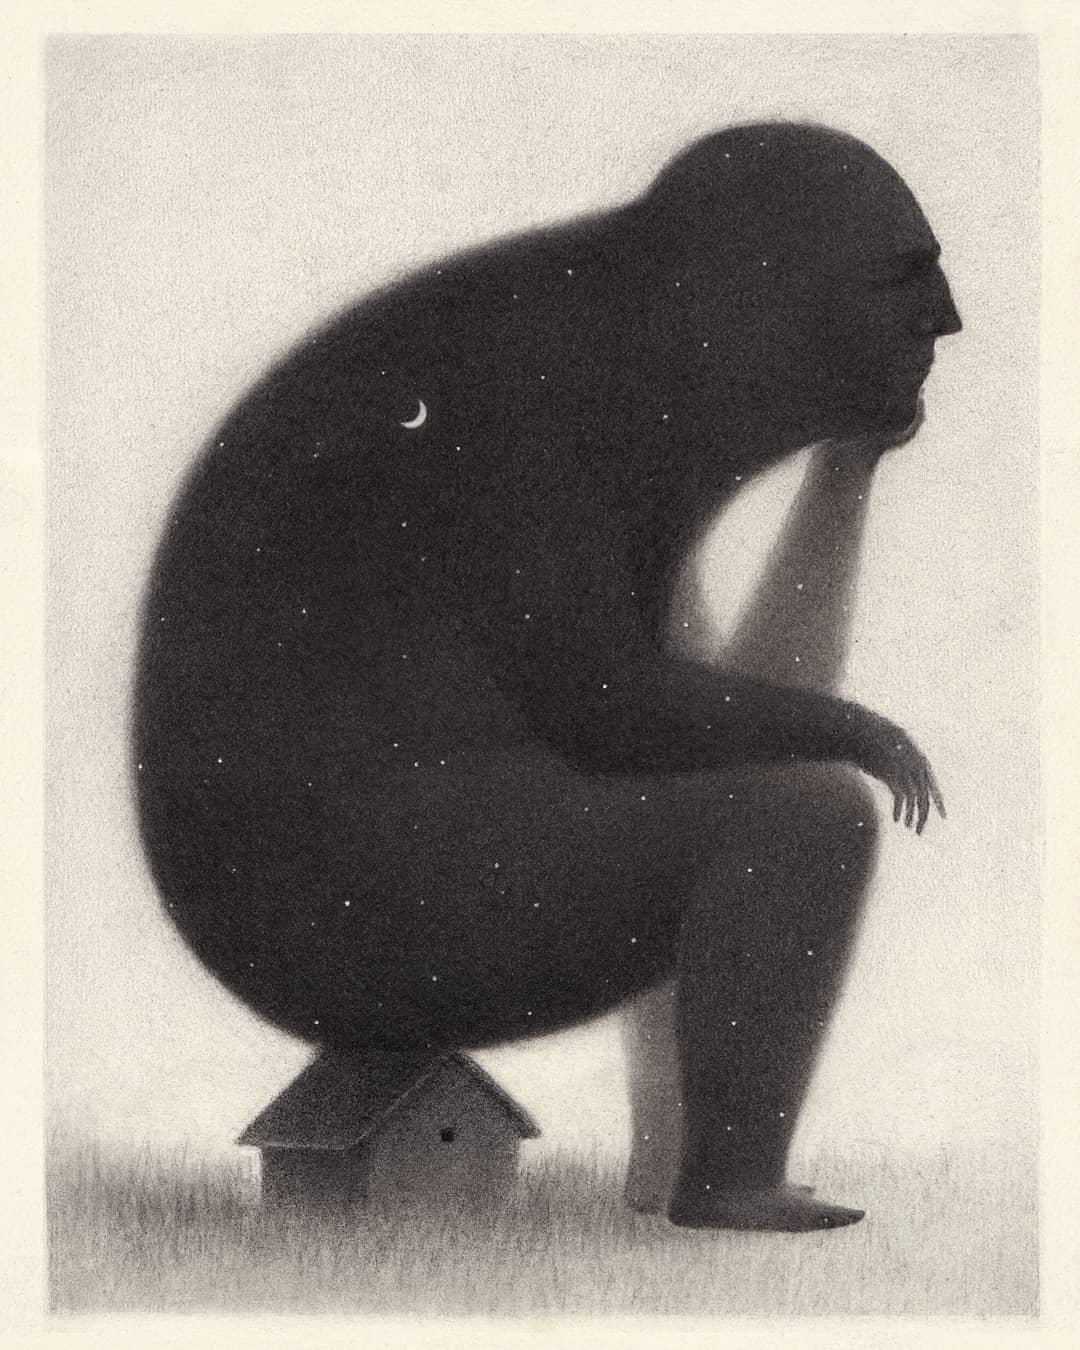 david alvarez ilustraciones noche (4)